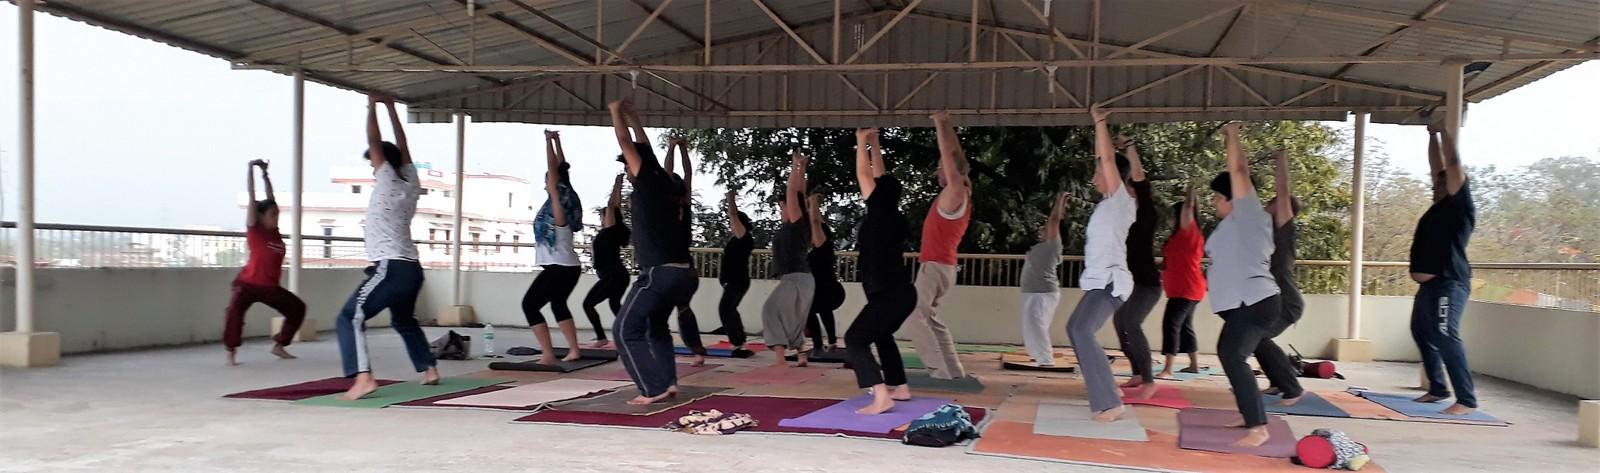 Mystic Yoga Retreat Bodh Gaya March 2018 -  (8).JPG